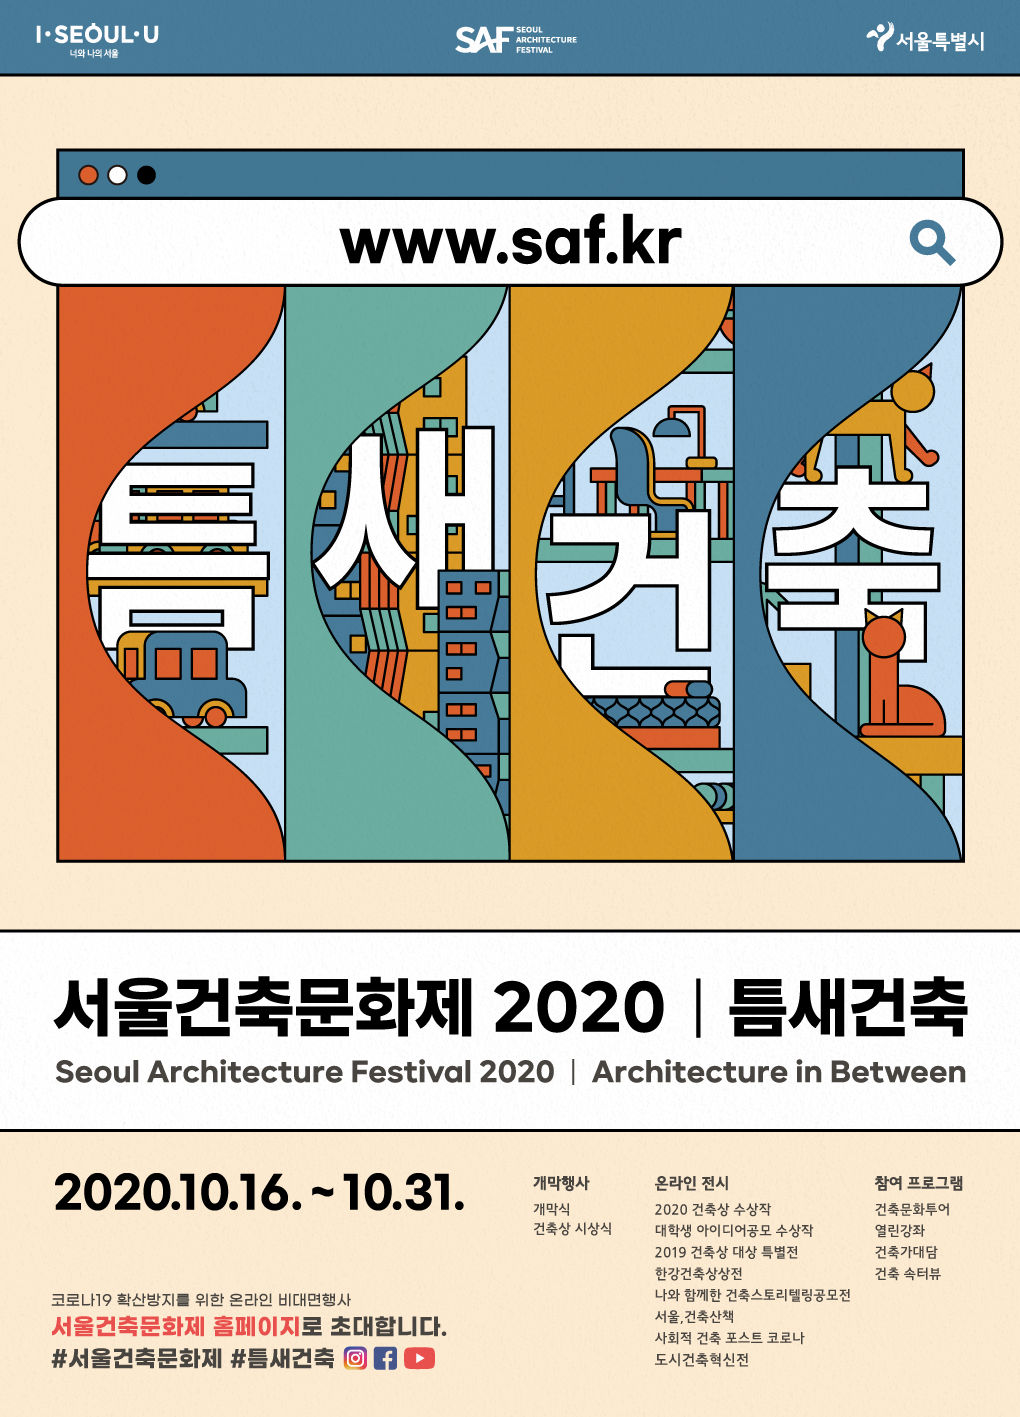 `서울건축문화제` 건축상 현장영상과 건축설계 이야기 등 취업 도움